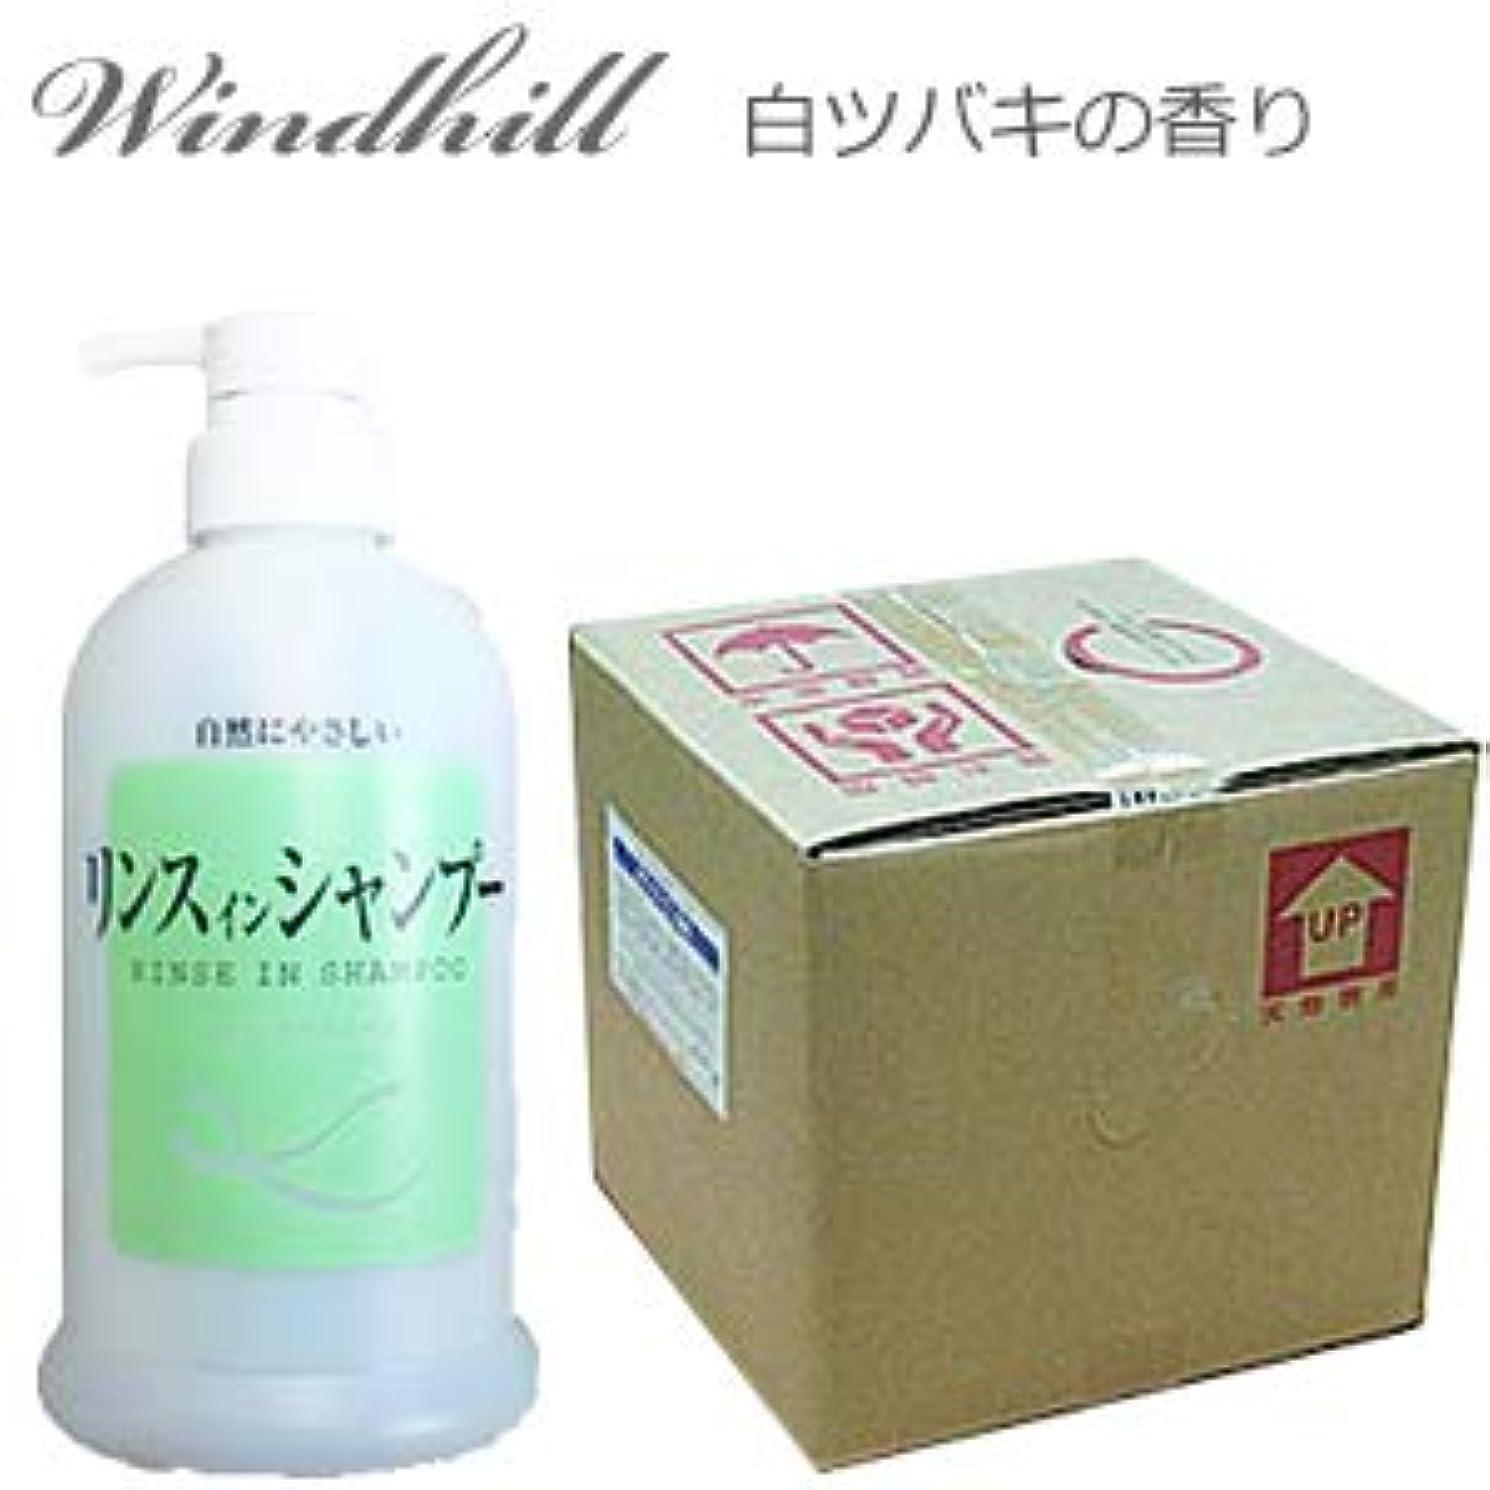 海里座る人事なんと! 500ml当り175円 Windhill 植物性 業務用 リンスインシャンプー 白椿の香り